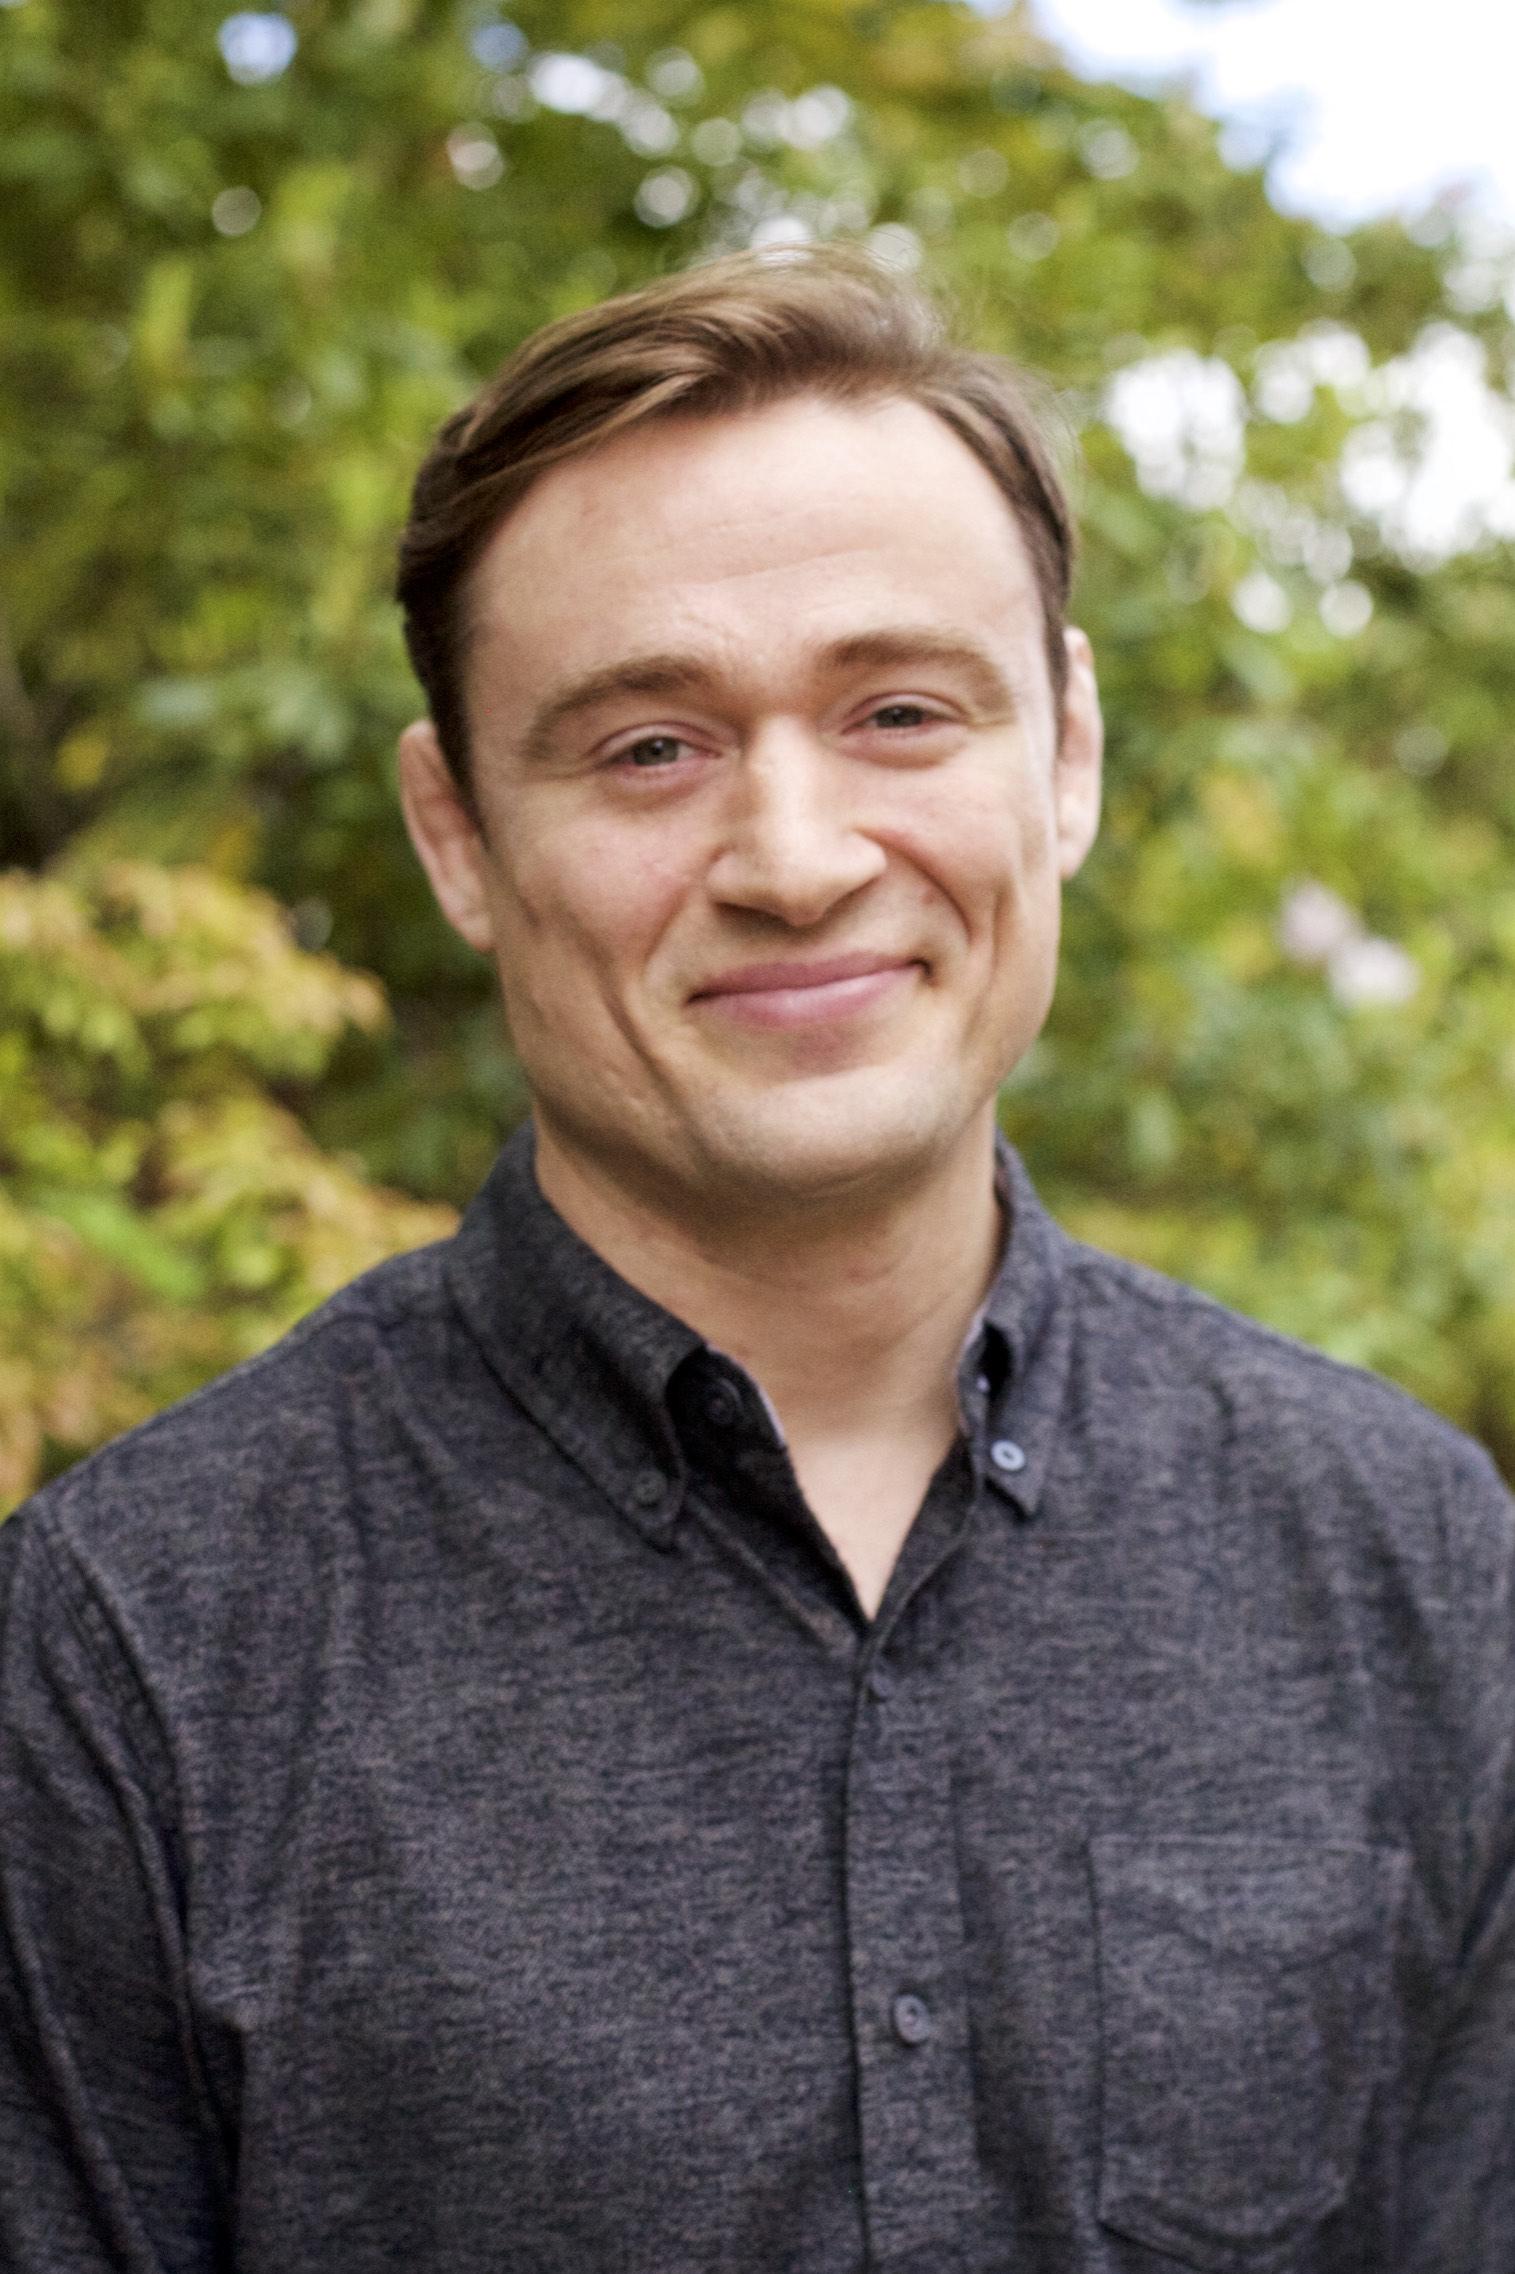 Derek Crain, MSW, LICSW,Executive Director & Co-Founder